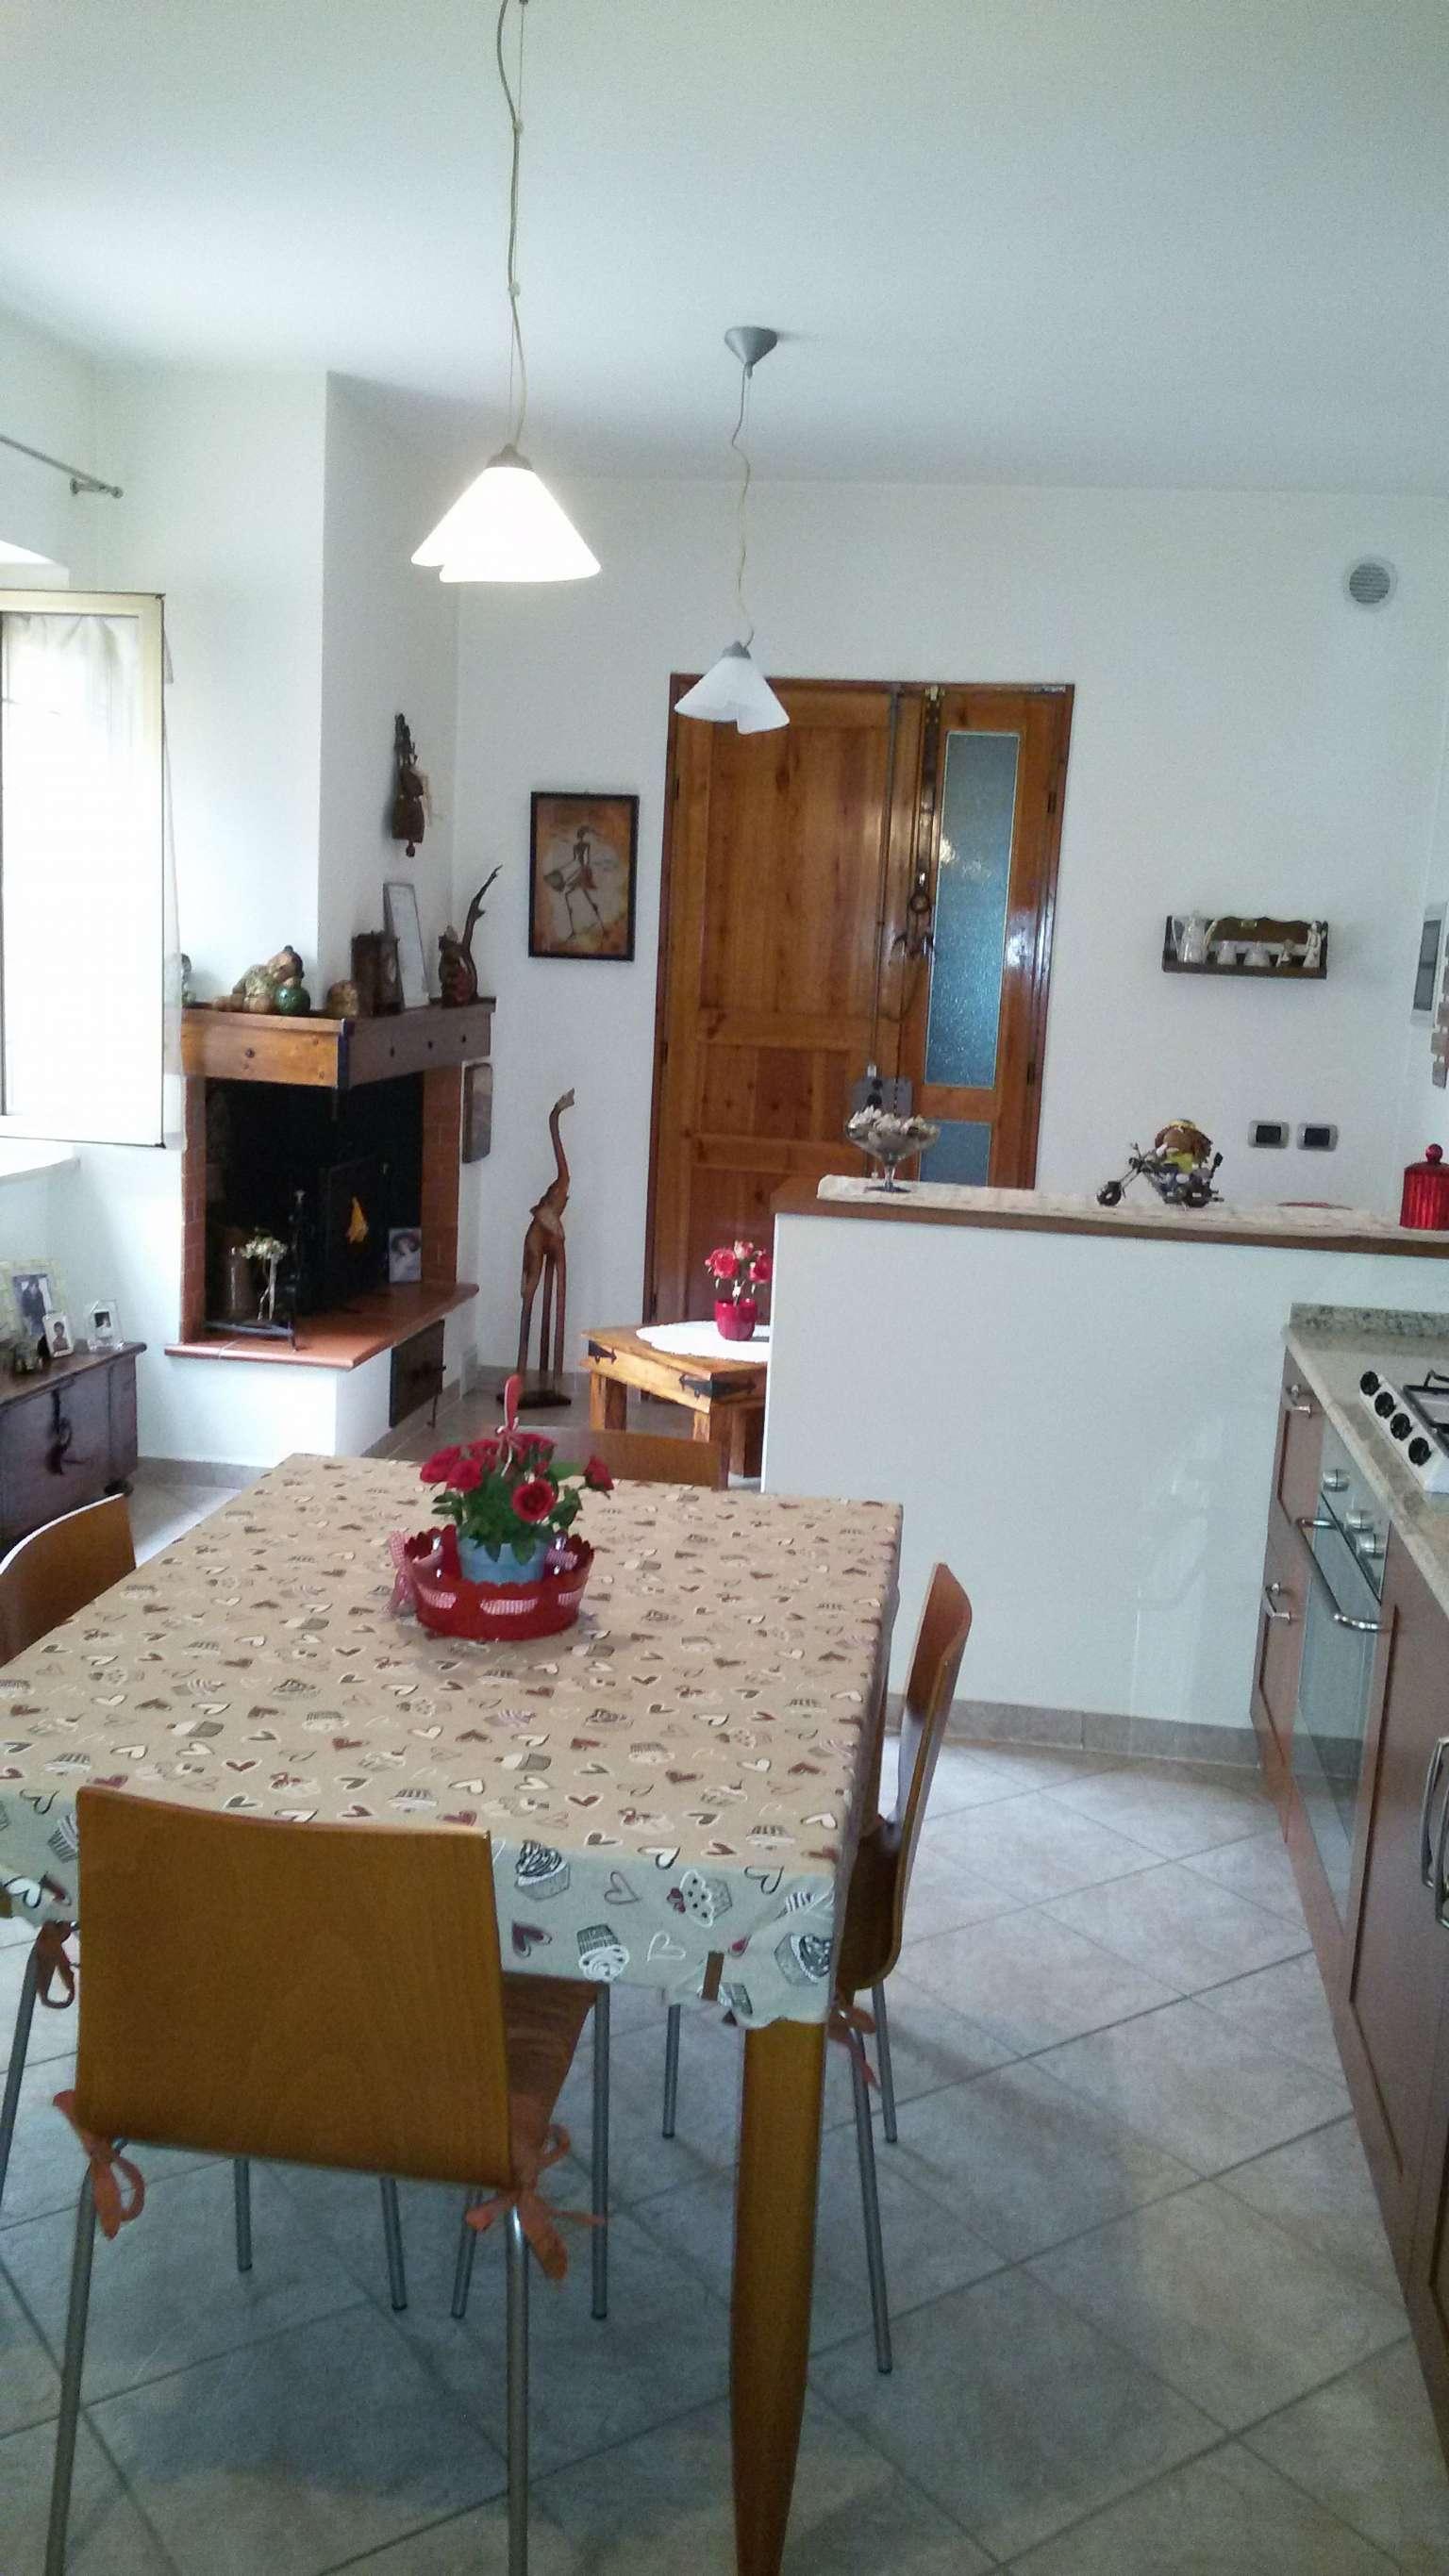 Palazzo / Stabile in vendita a Pistoia, 4 locali, prezzo € 140.000 | Cambio Casa.it